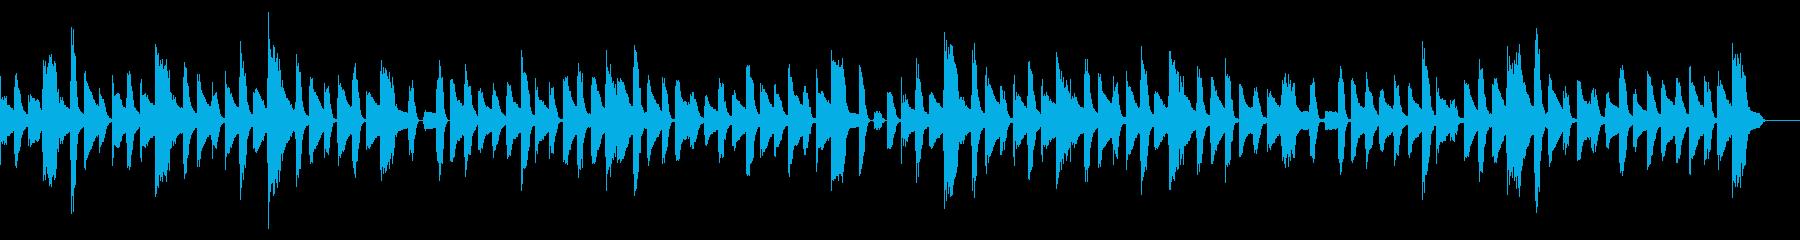 シンプルでメロディーがあり、覚えや...の再生済みの波形